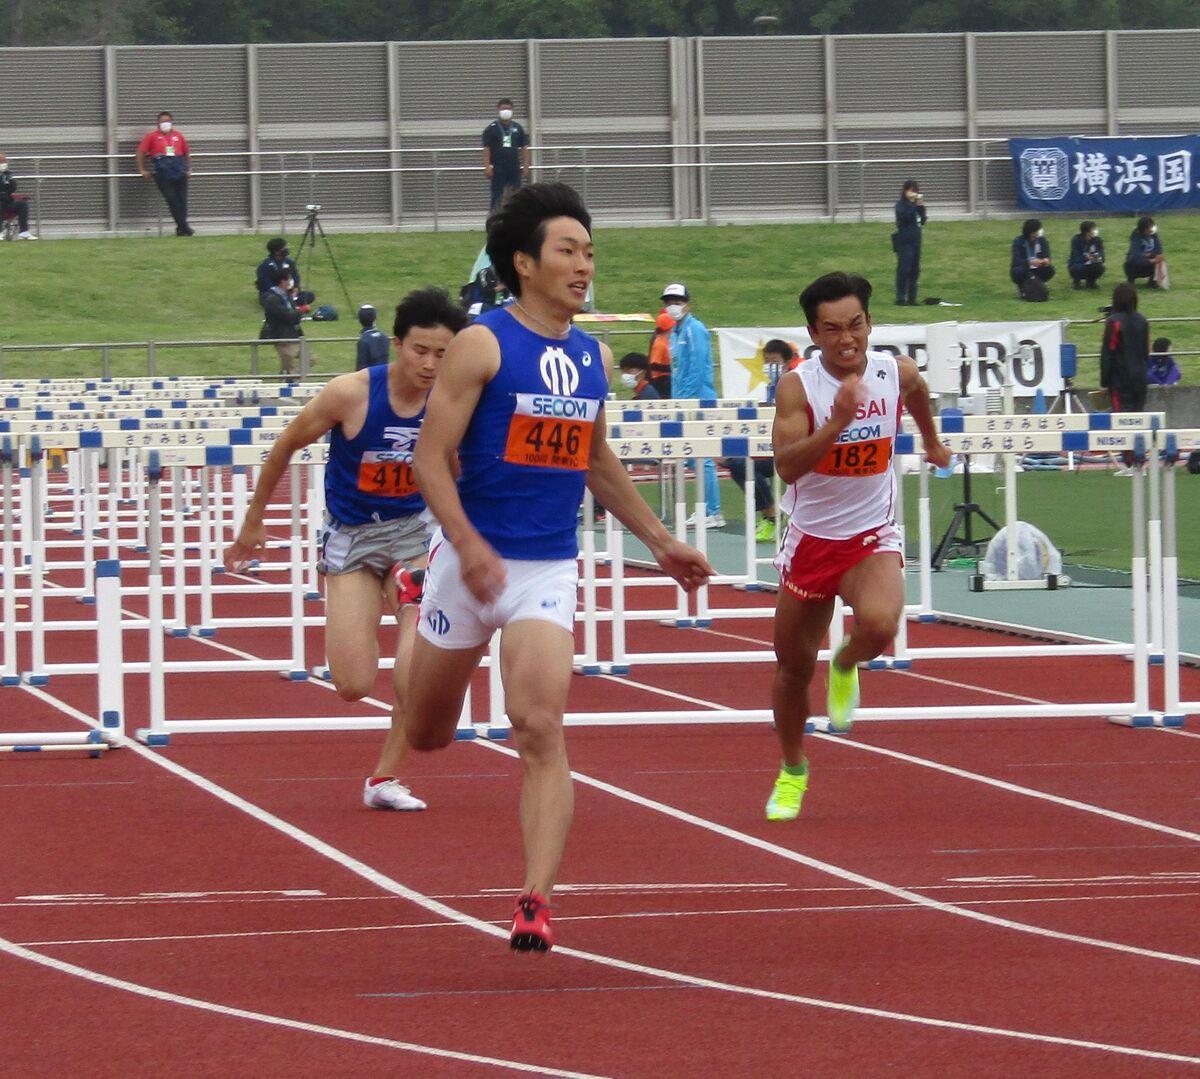 男子110メートル障害予選で13秒30をマークし東京五輪の参加標準記録を突破した泉谷